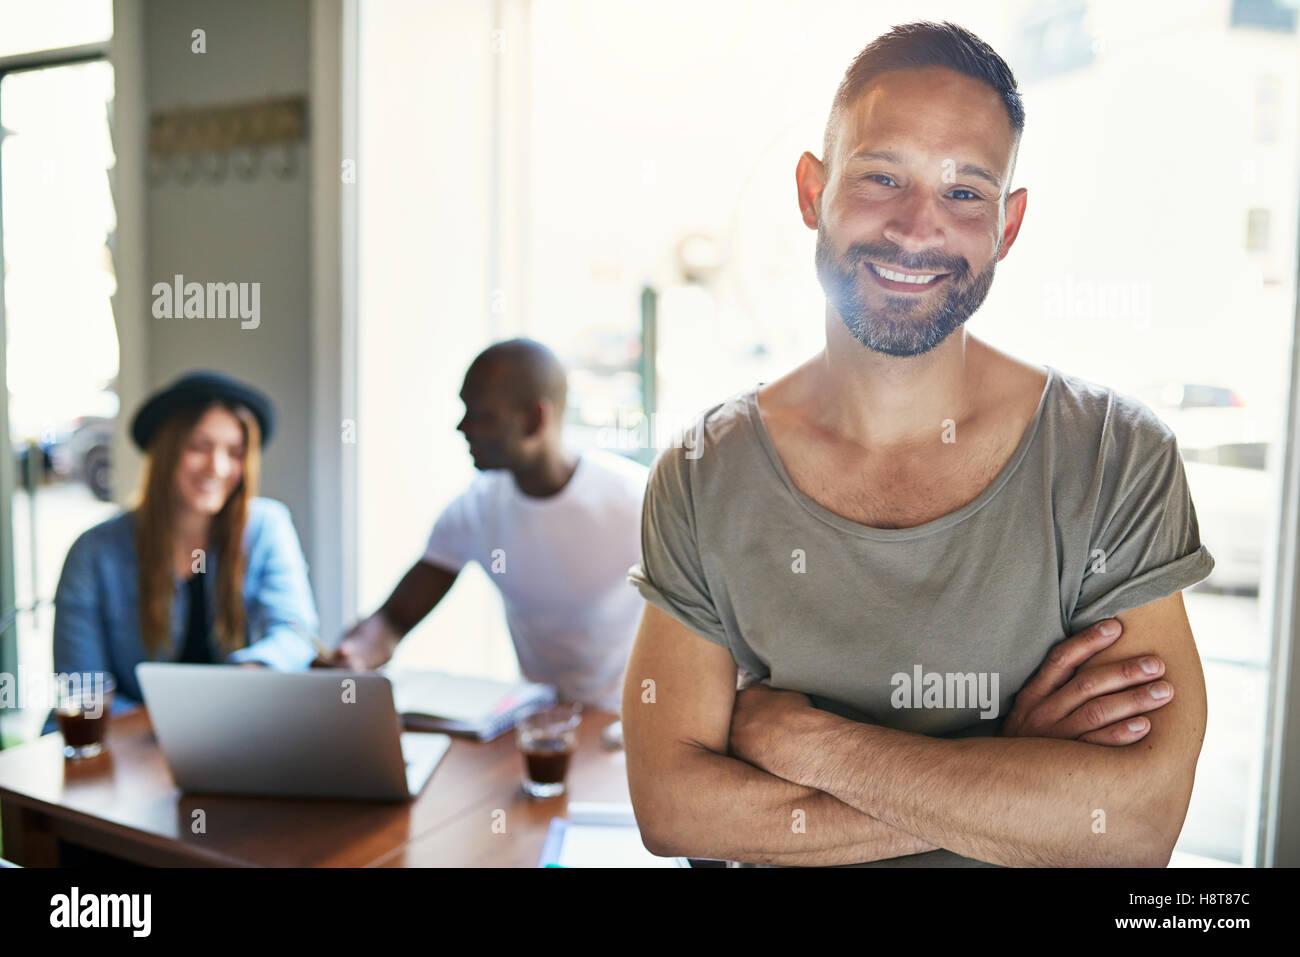 Guapo sonriente hombre barbado en camisa de manga corta y los brazos cruzados en el café permanente con los Imagen De Stock